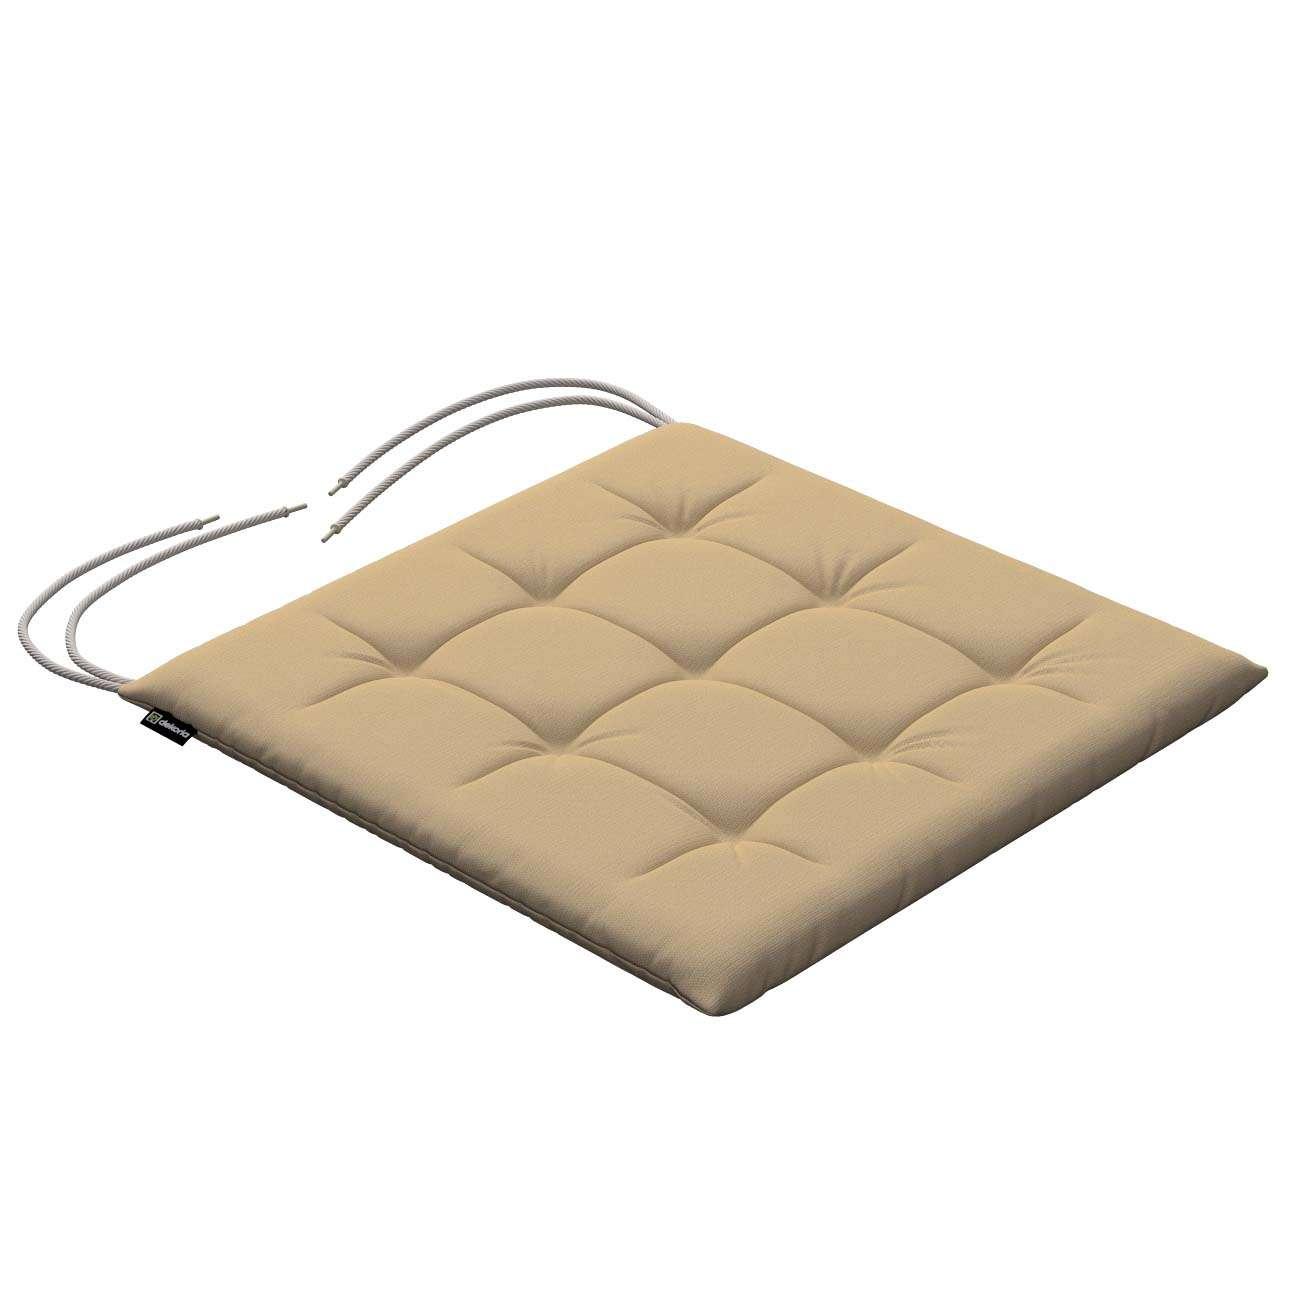 Siedzisko Karol na krzesło 40x40x3,5cm w kolekcji Cotton Panama, tkanina: 702-01